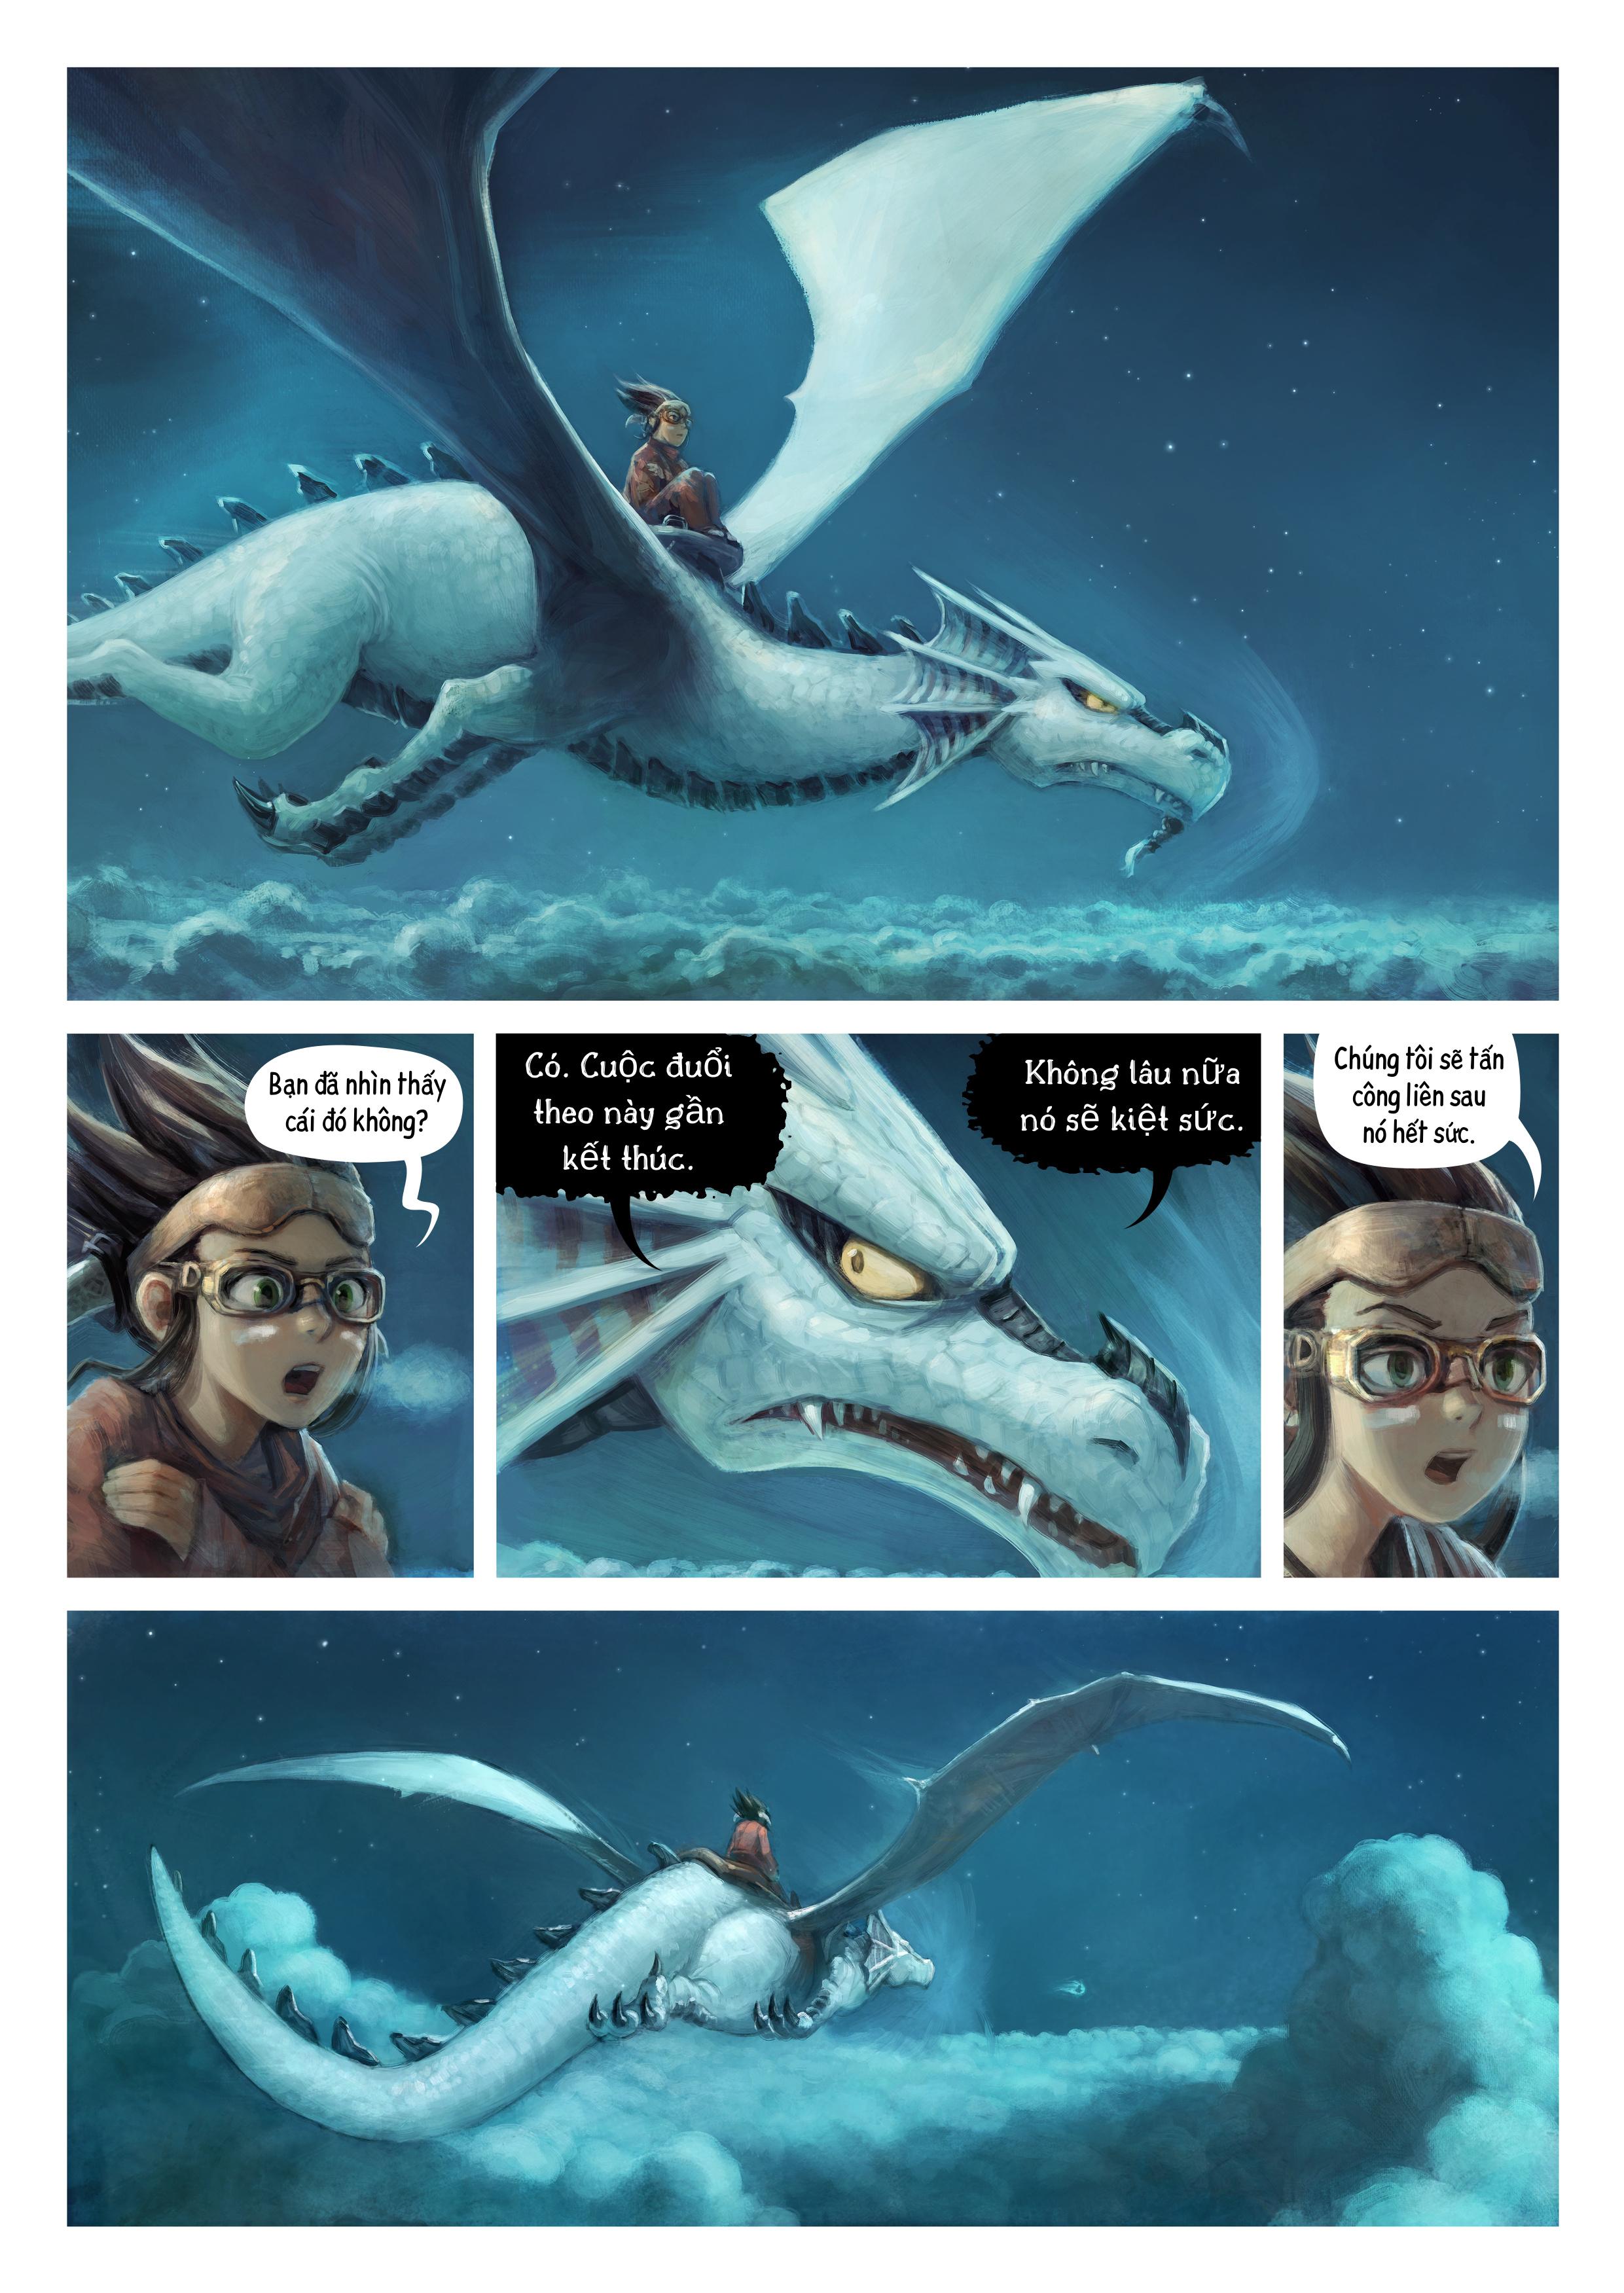 Tập 35: Ảnh Phản Xạ, Trang 3